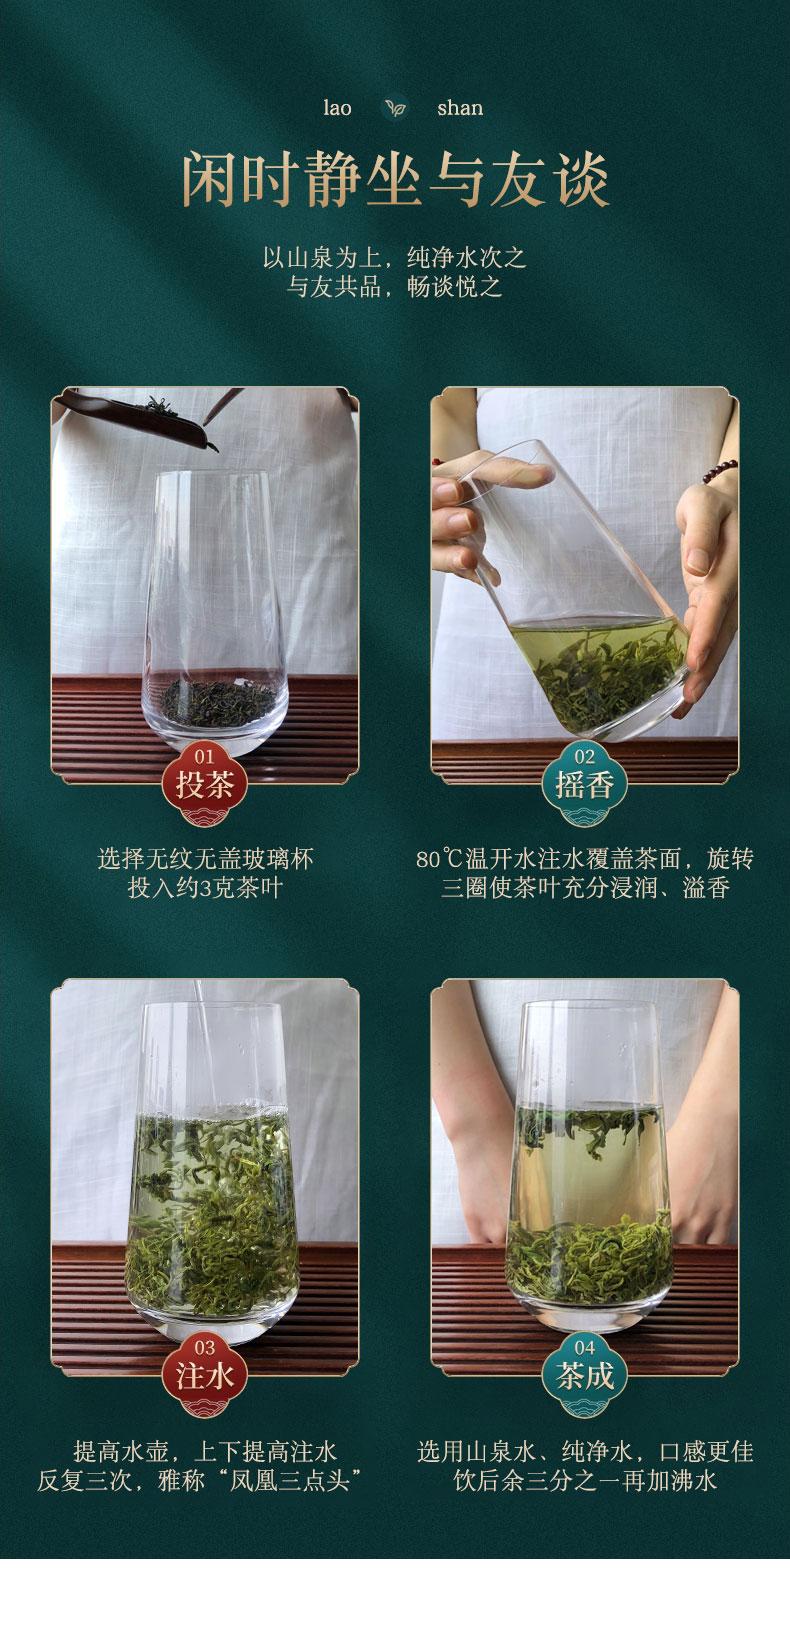 崂山茶核心产区,2021雨前特级豆香新茶:250g 青岛崂山 一级云雾绿茶 49元包邮 买手党-买手聚集的地方